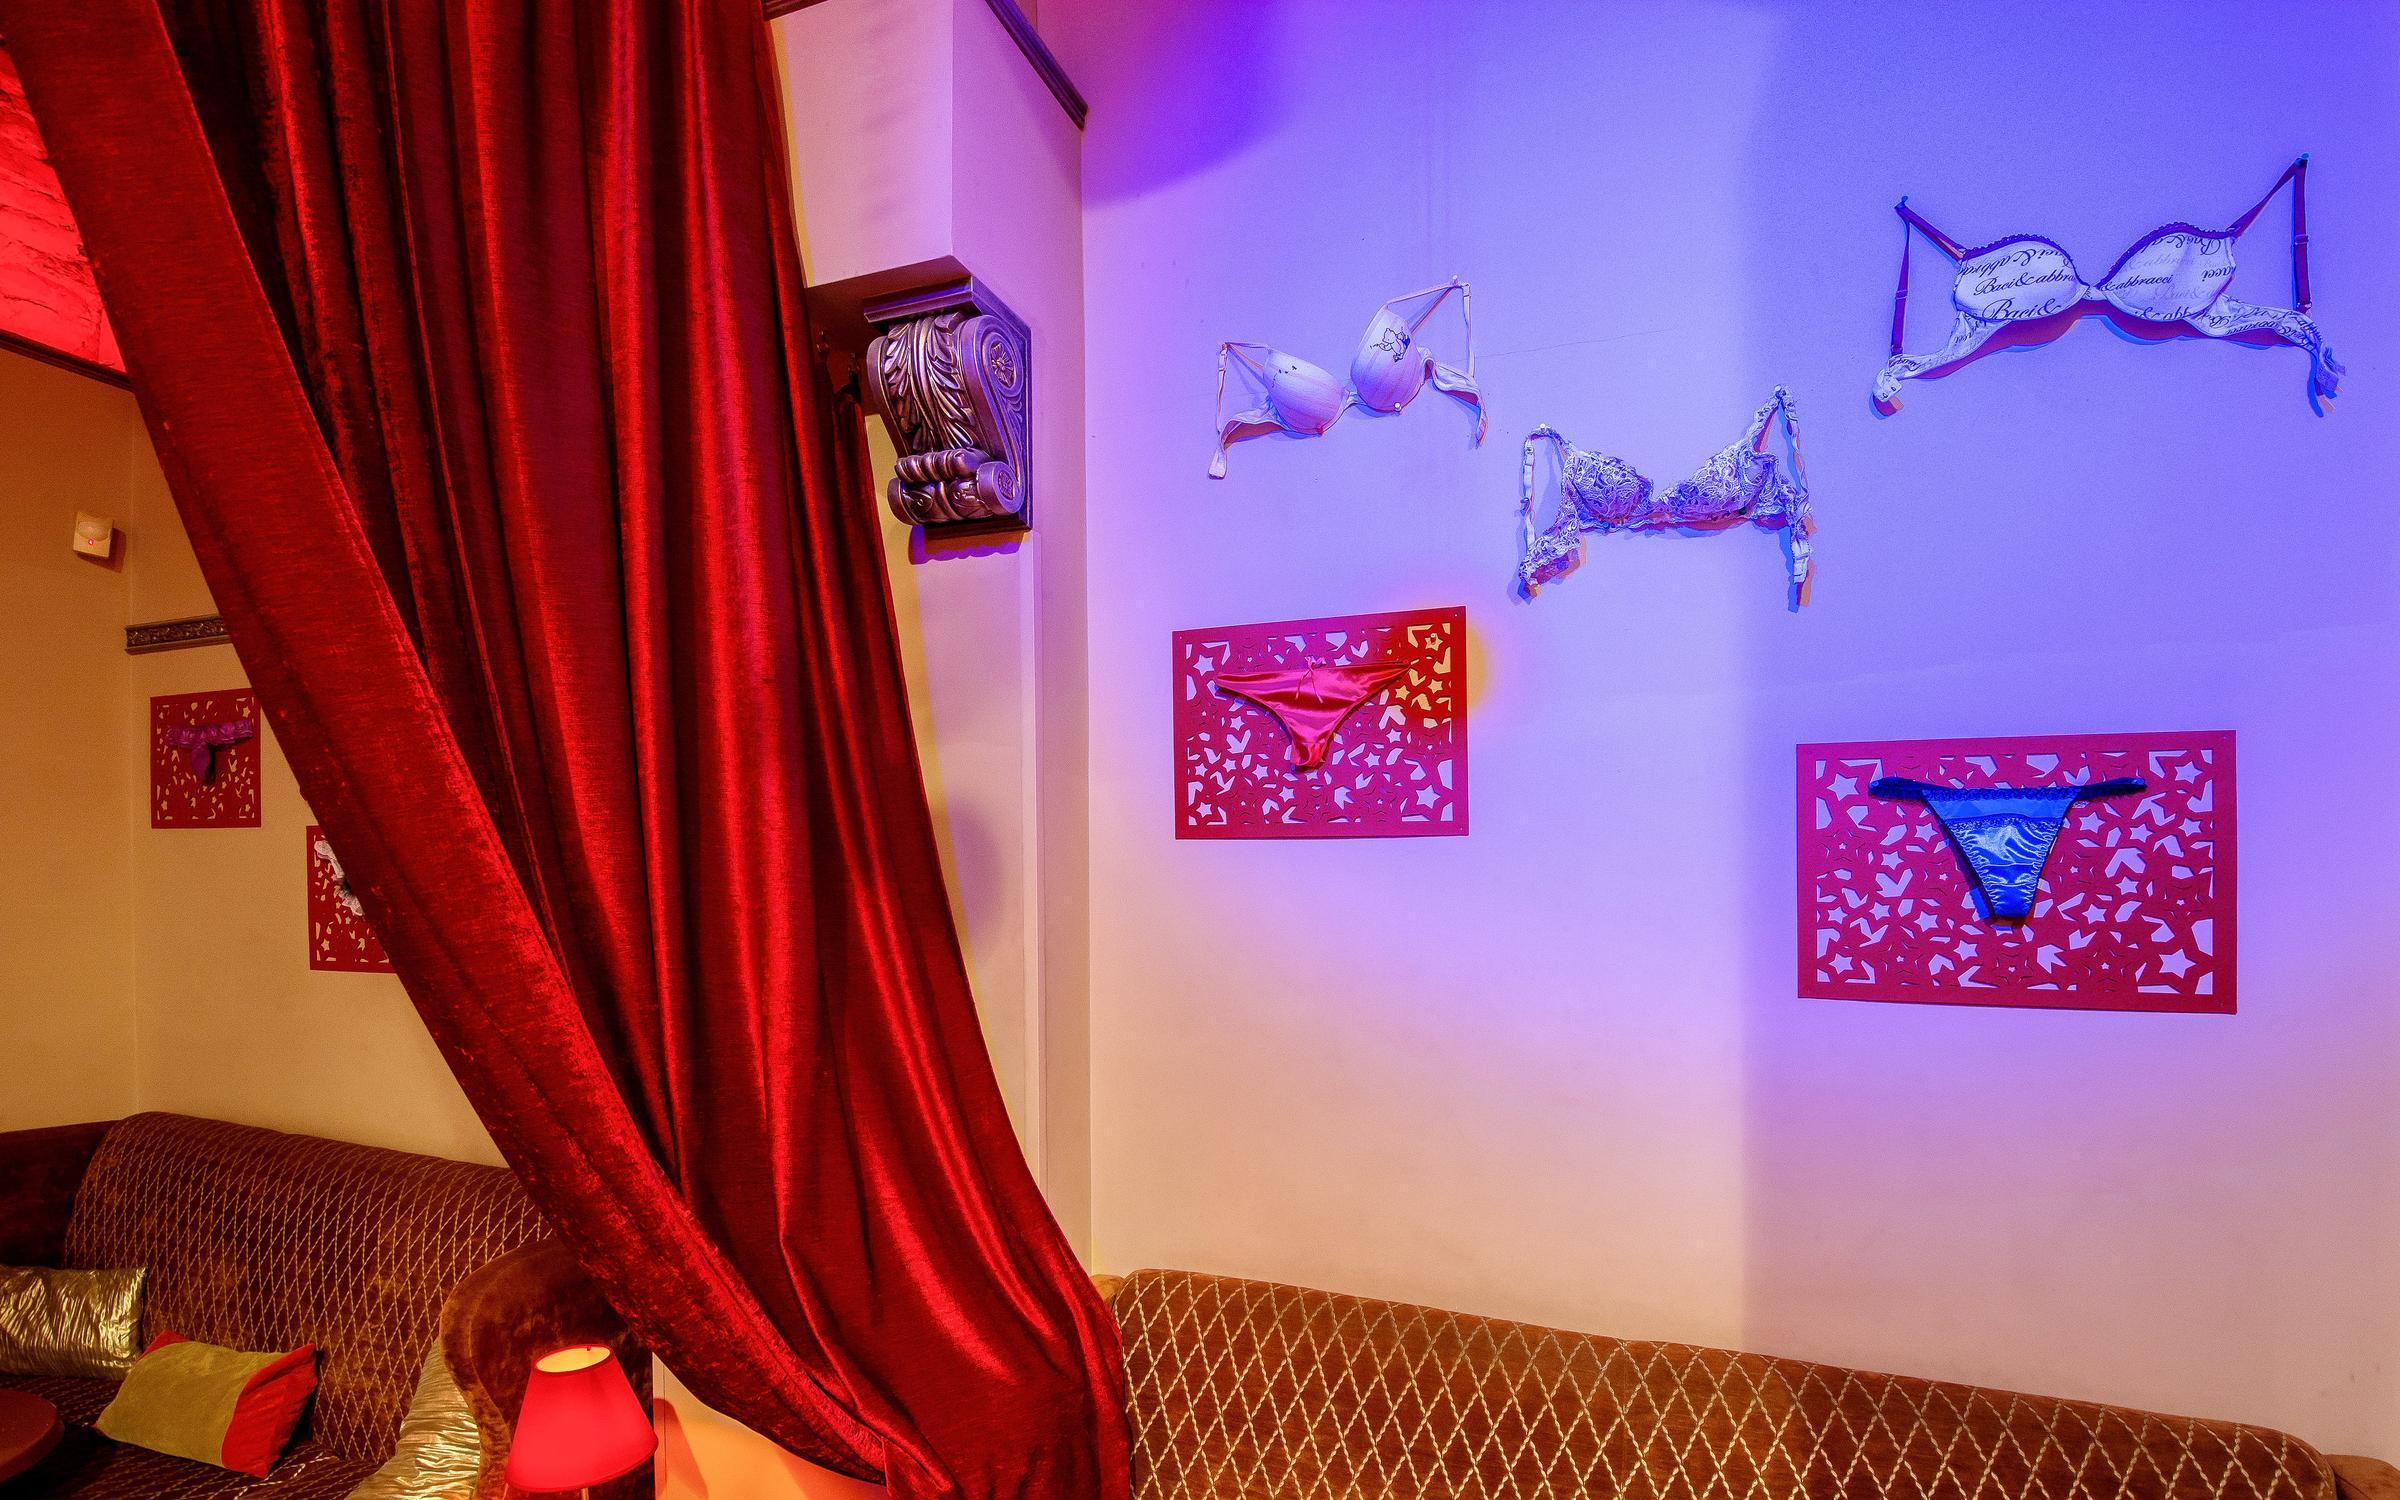 Эротический массаж в Санкт-Петербурге голден релакс проститутка с аппартаментами Новолитовская ул.